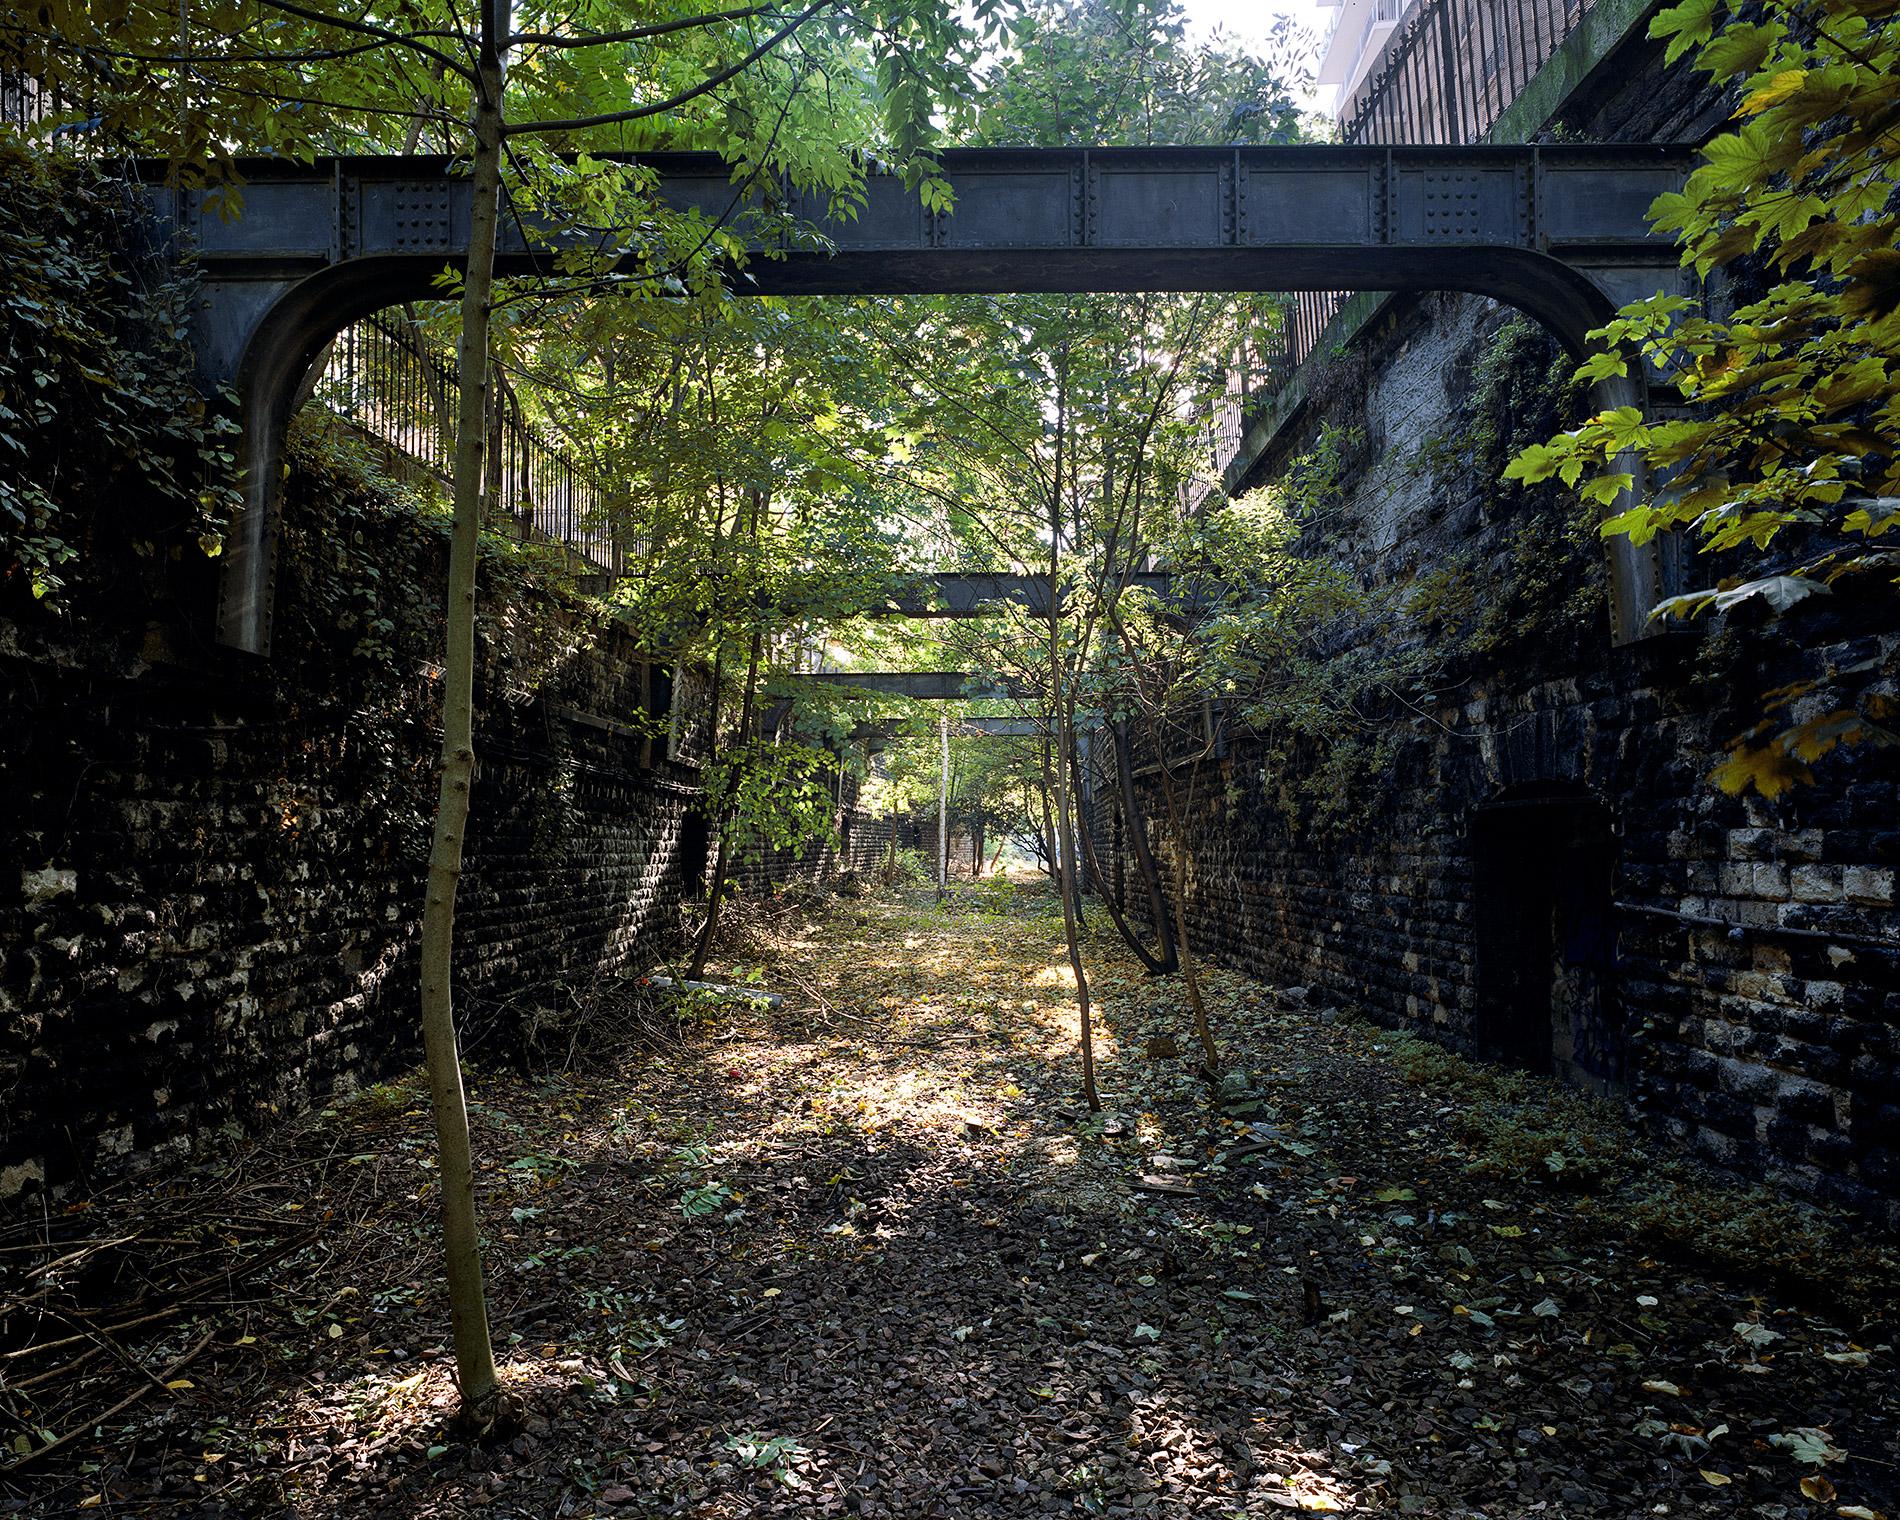 La Petite Ceinture, par Thomas Jorion, photographe de ruines et de patrimoines abandonnés.